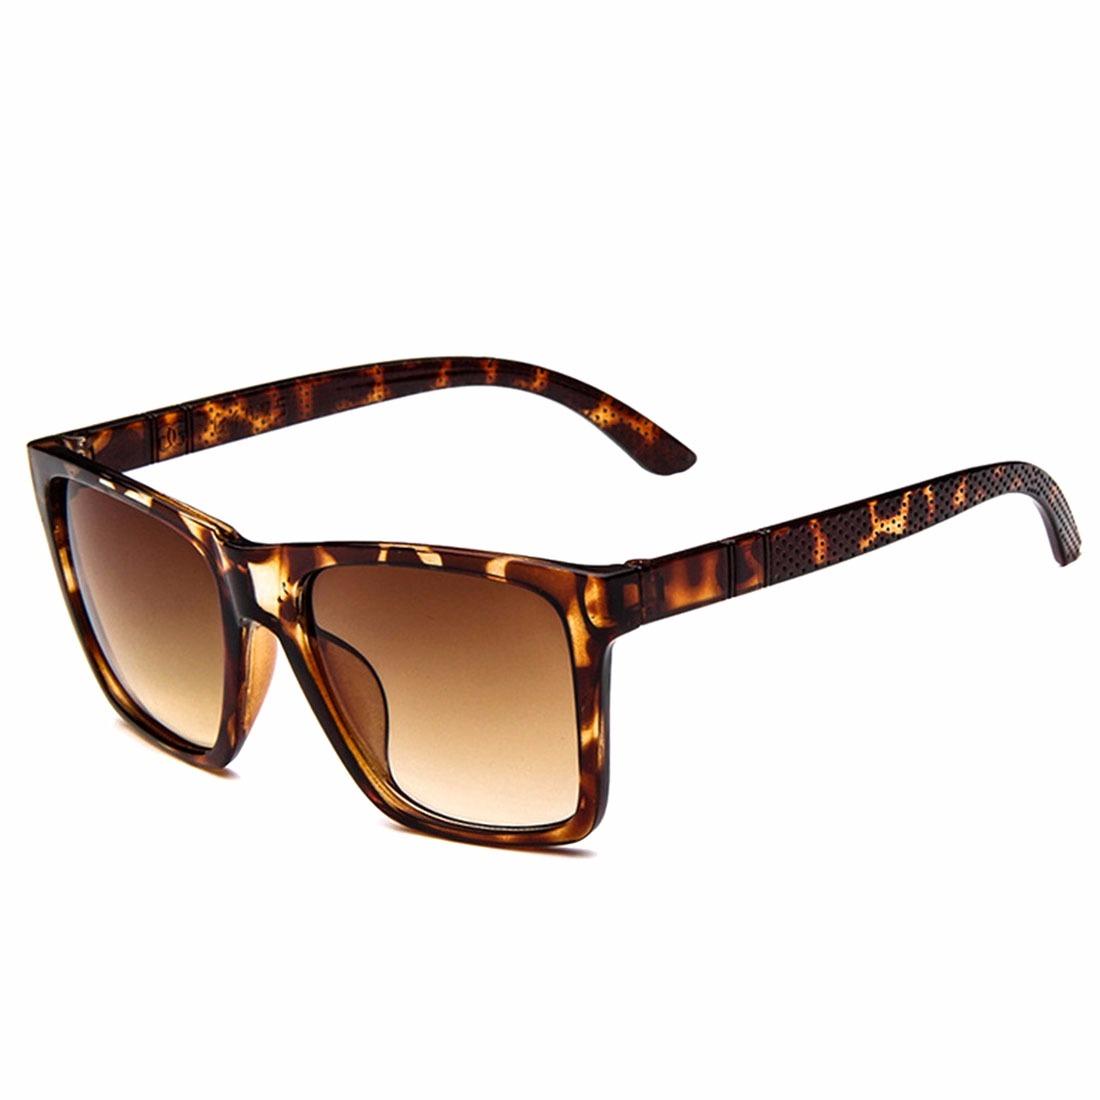 Unisex Mujer Hombre Square Gafas De Sol Estilo Vintage Moda Anteojos Gafas Ebay